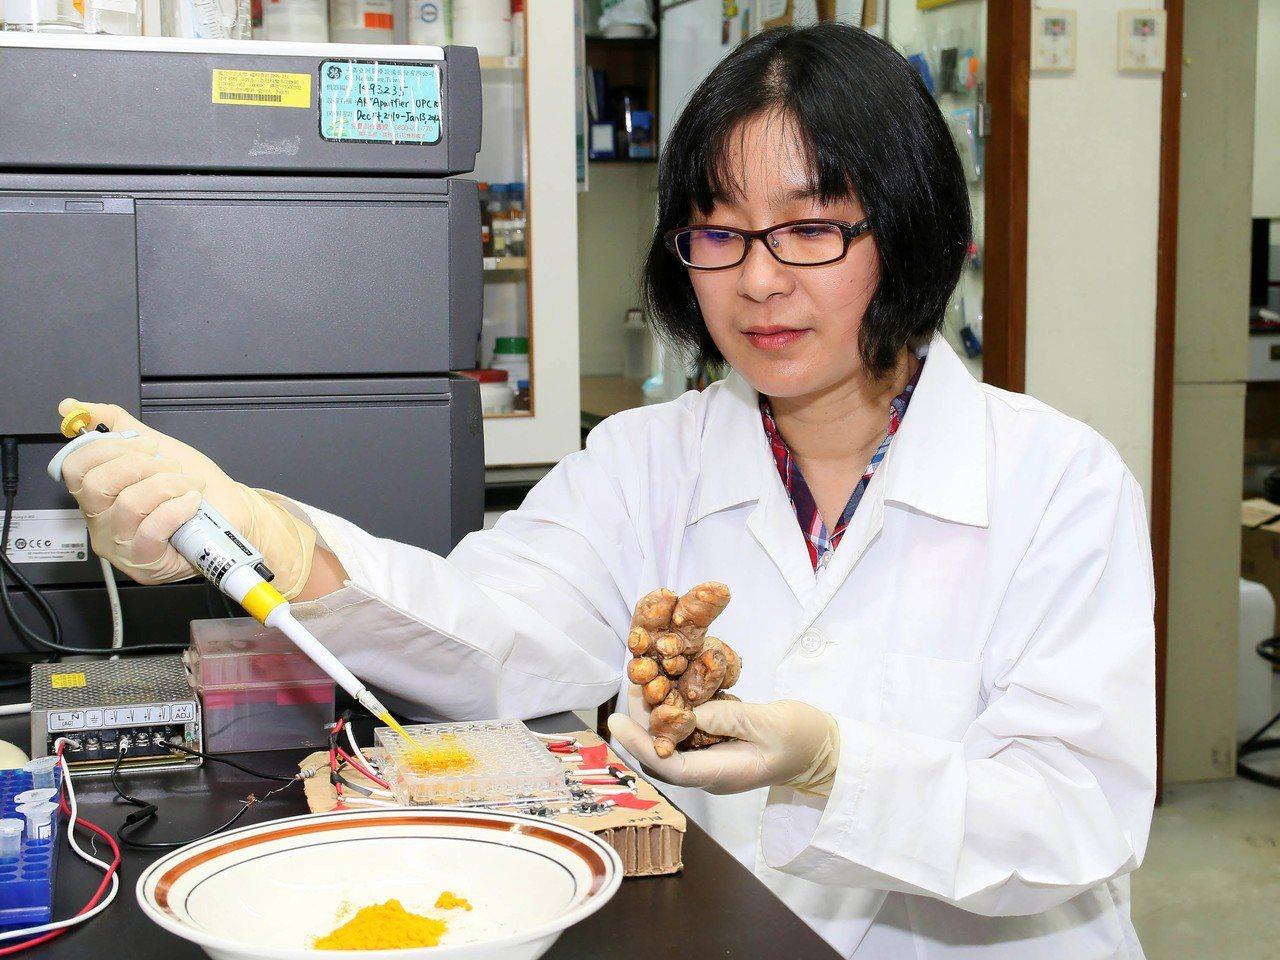 中正大學生物醫學科學系副教授李政怡(圖)21日發表「光驅動」薑黃的治癌方法,這項...